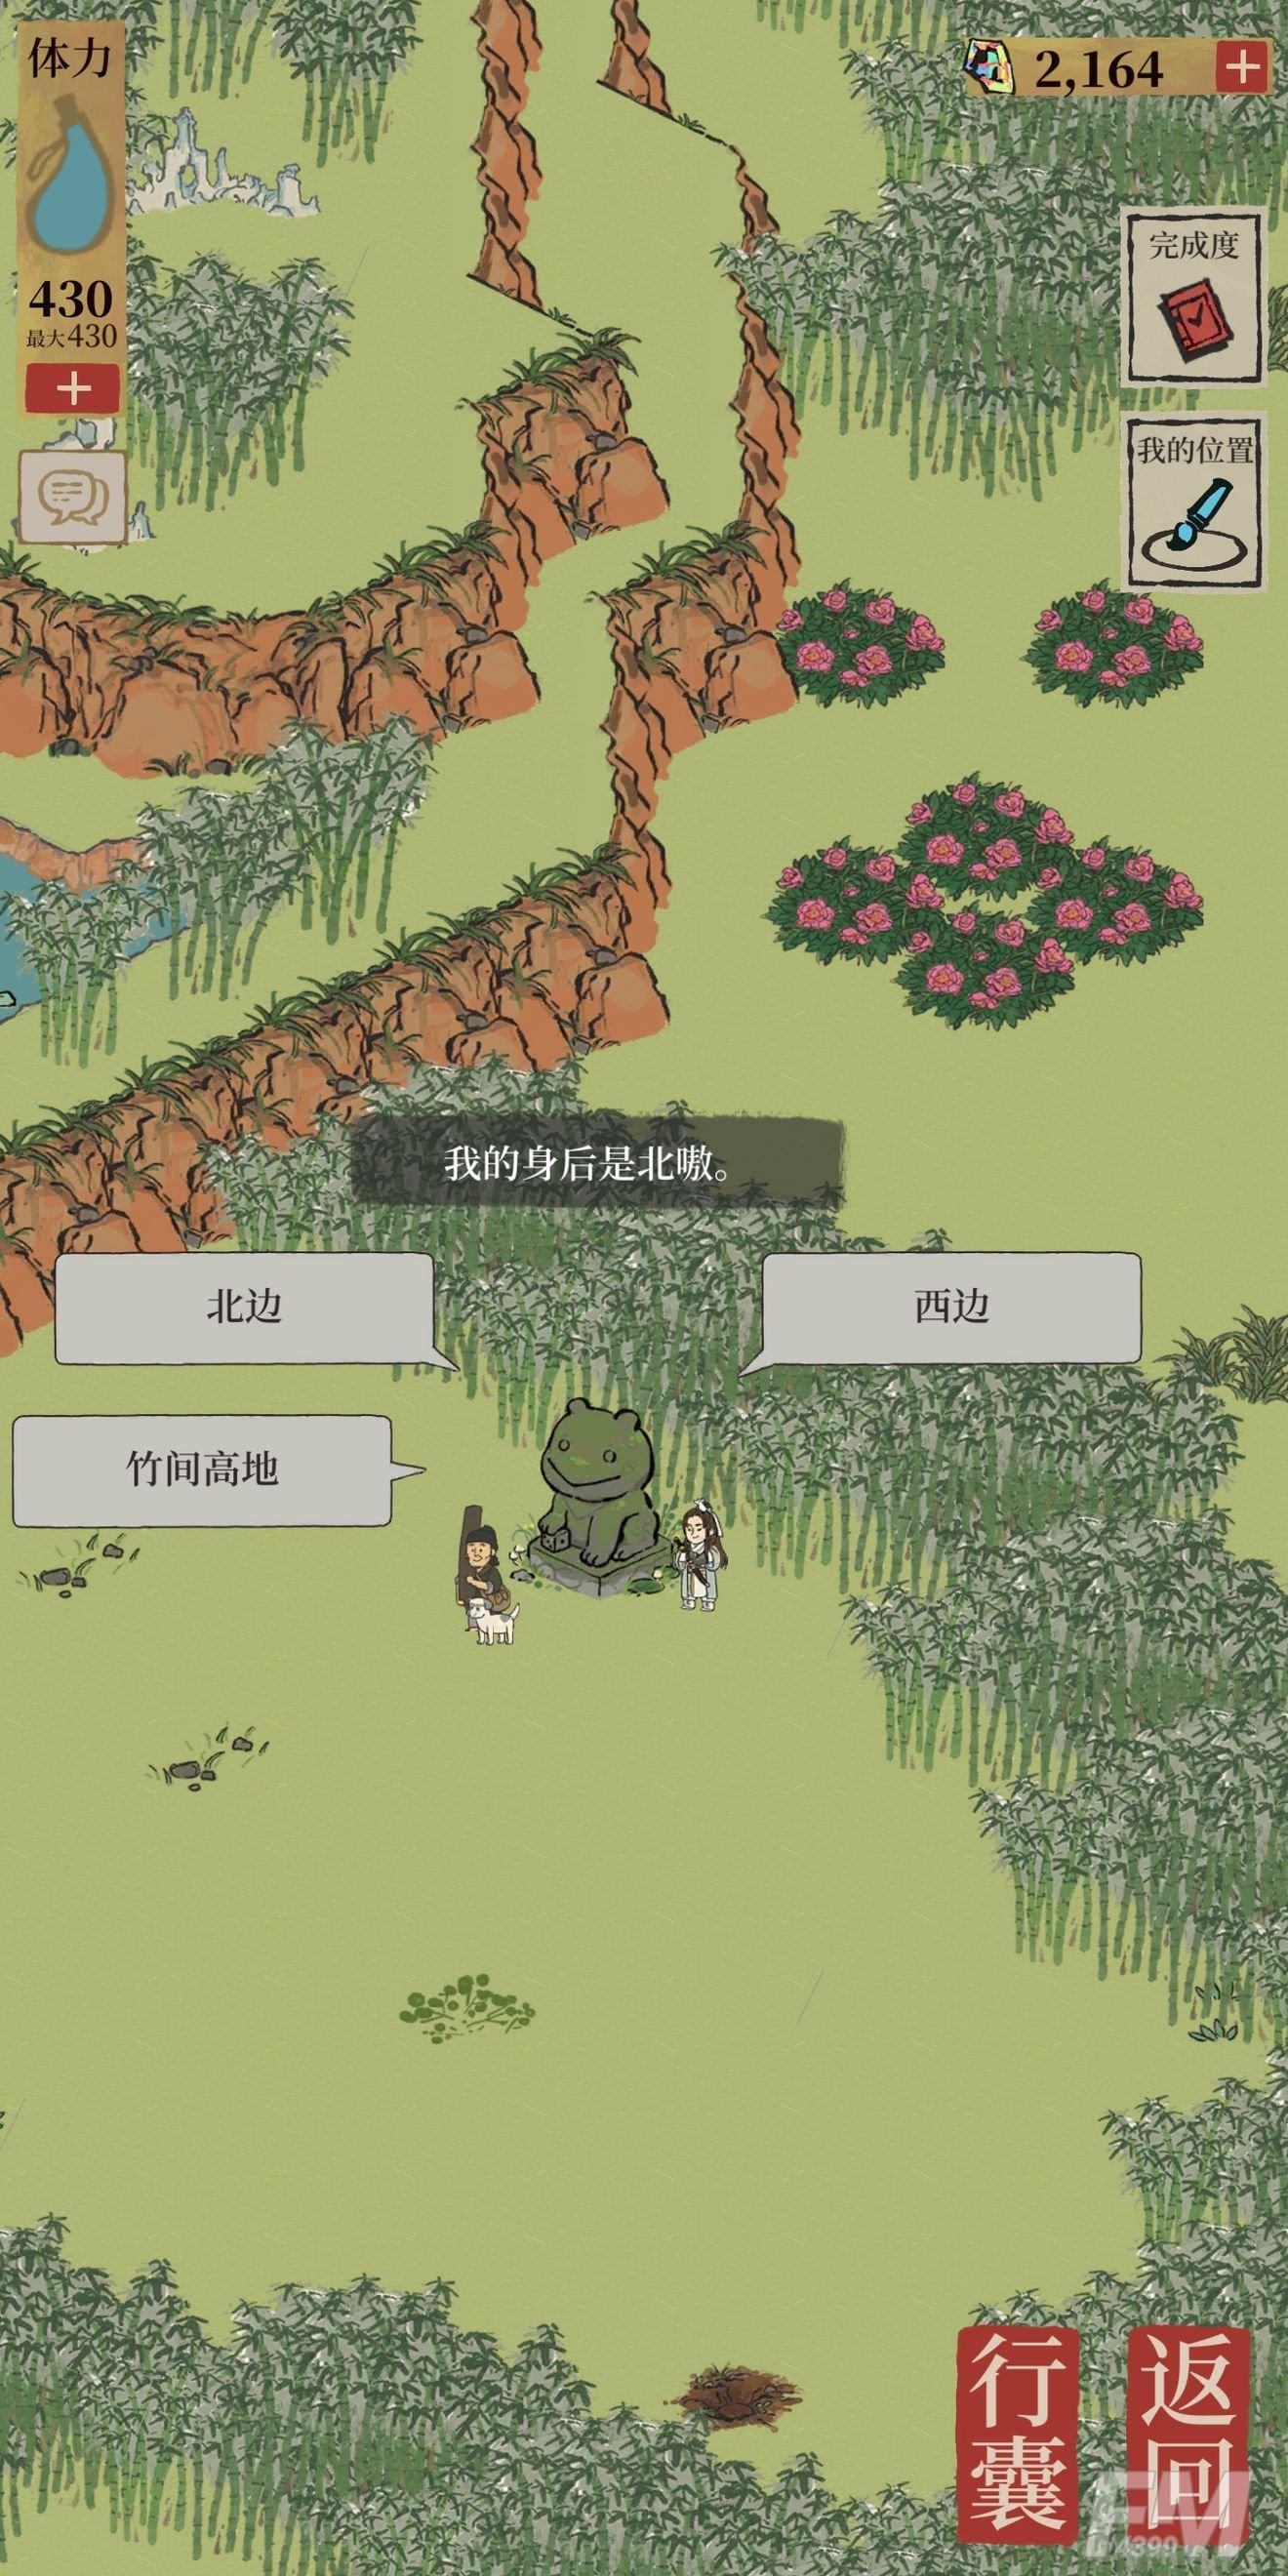 江南百景图竹林迷宫通关攻略:限时探险竹林迷宫路线走法一览[多图]图片2